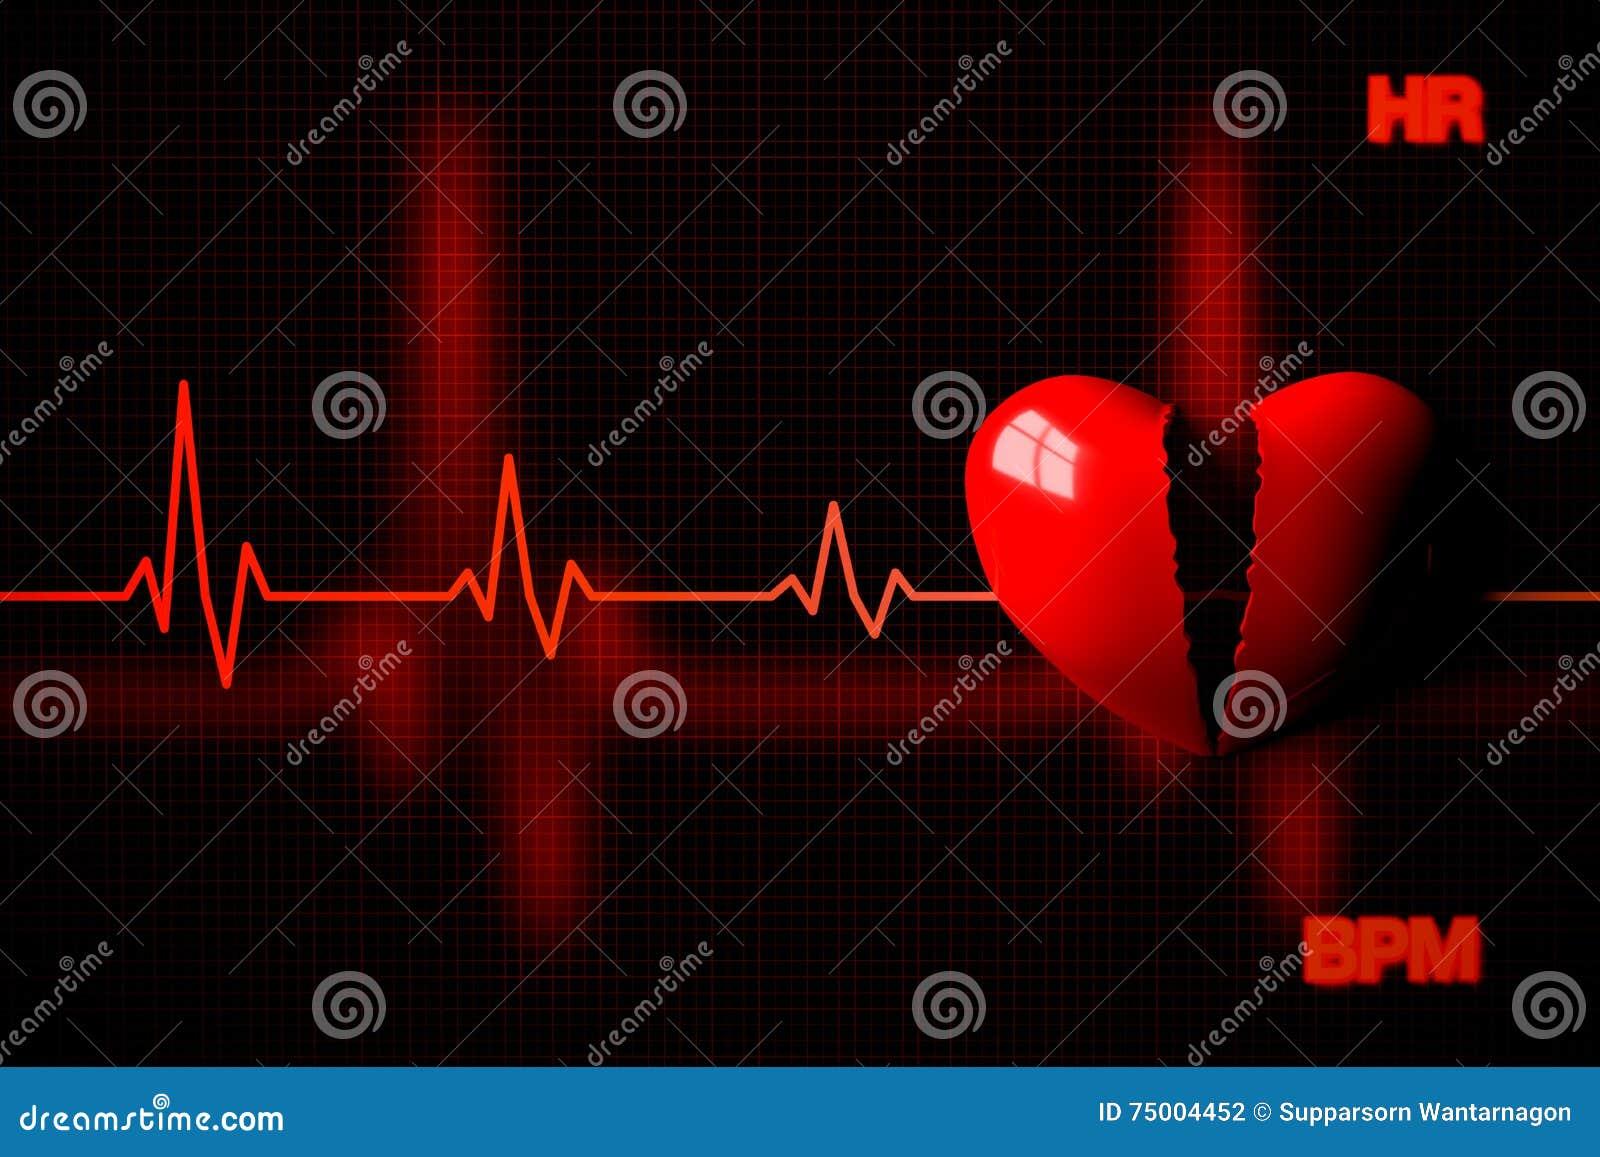 Концепция остановки сердца проиллюстрированная разбитым сердцем, переводом 3D